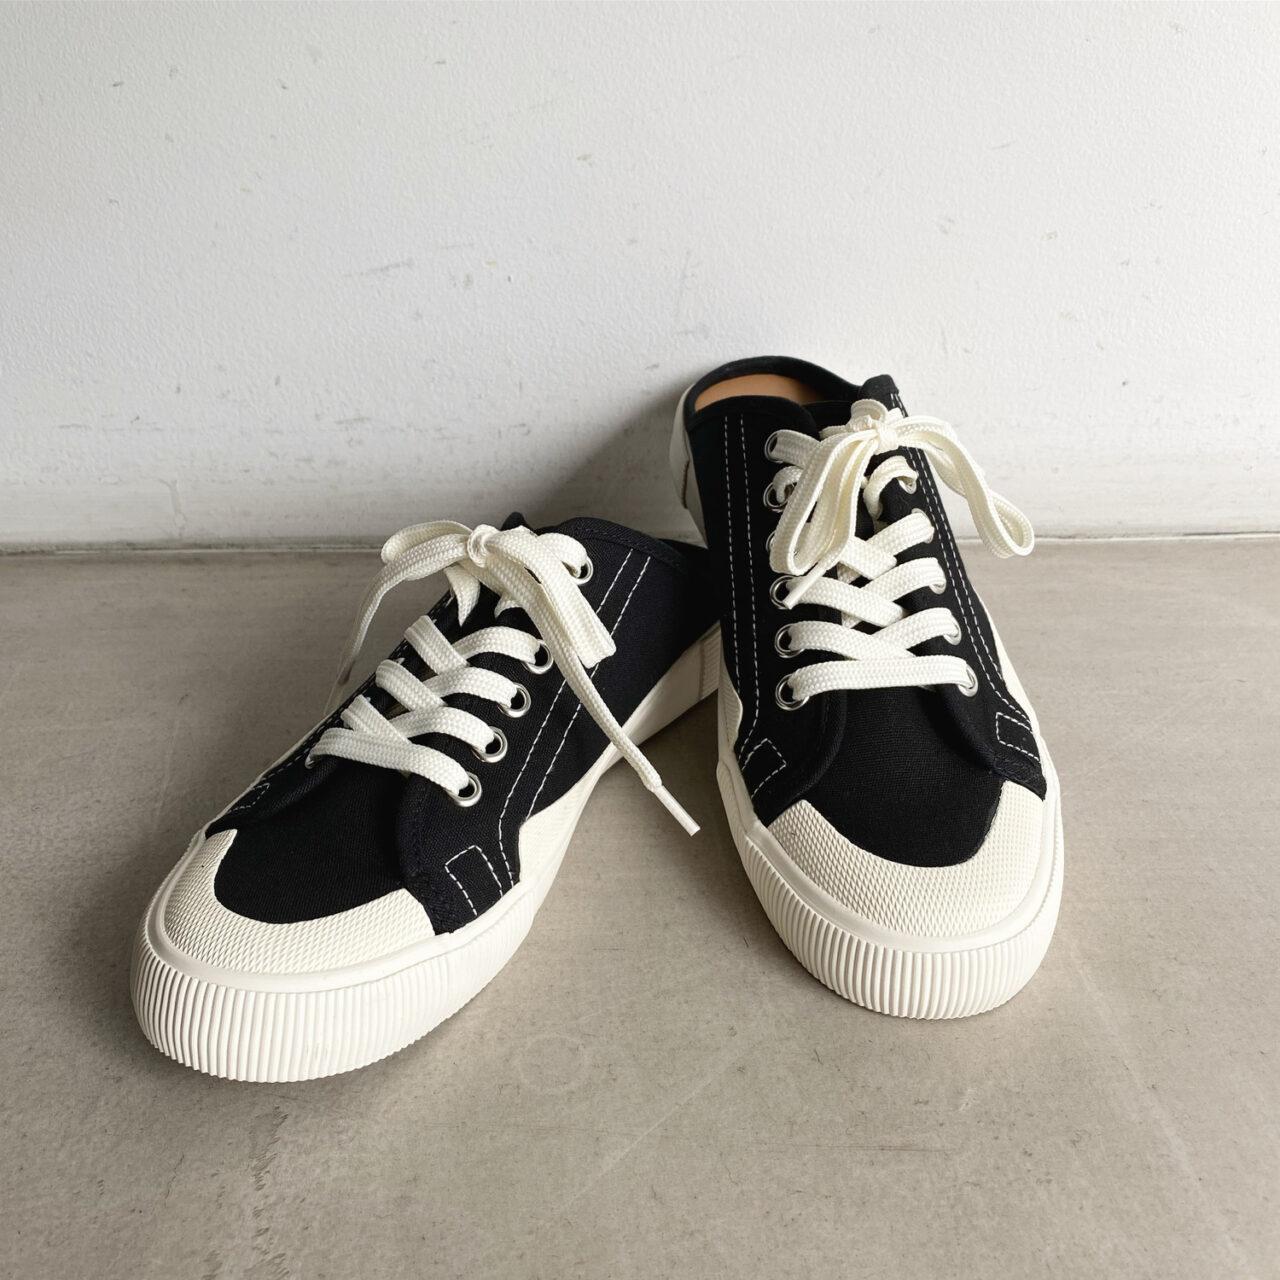 黒と白のモノトーンのスニーカー